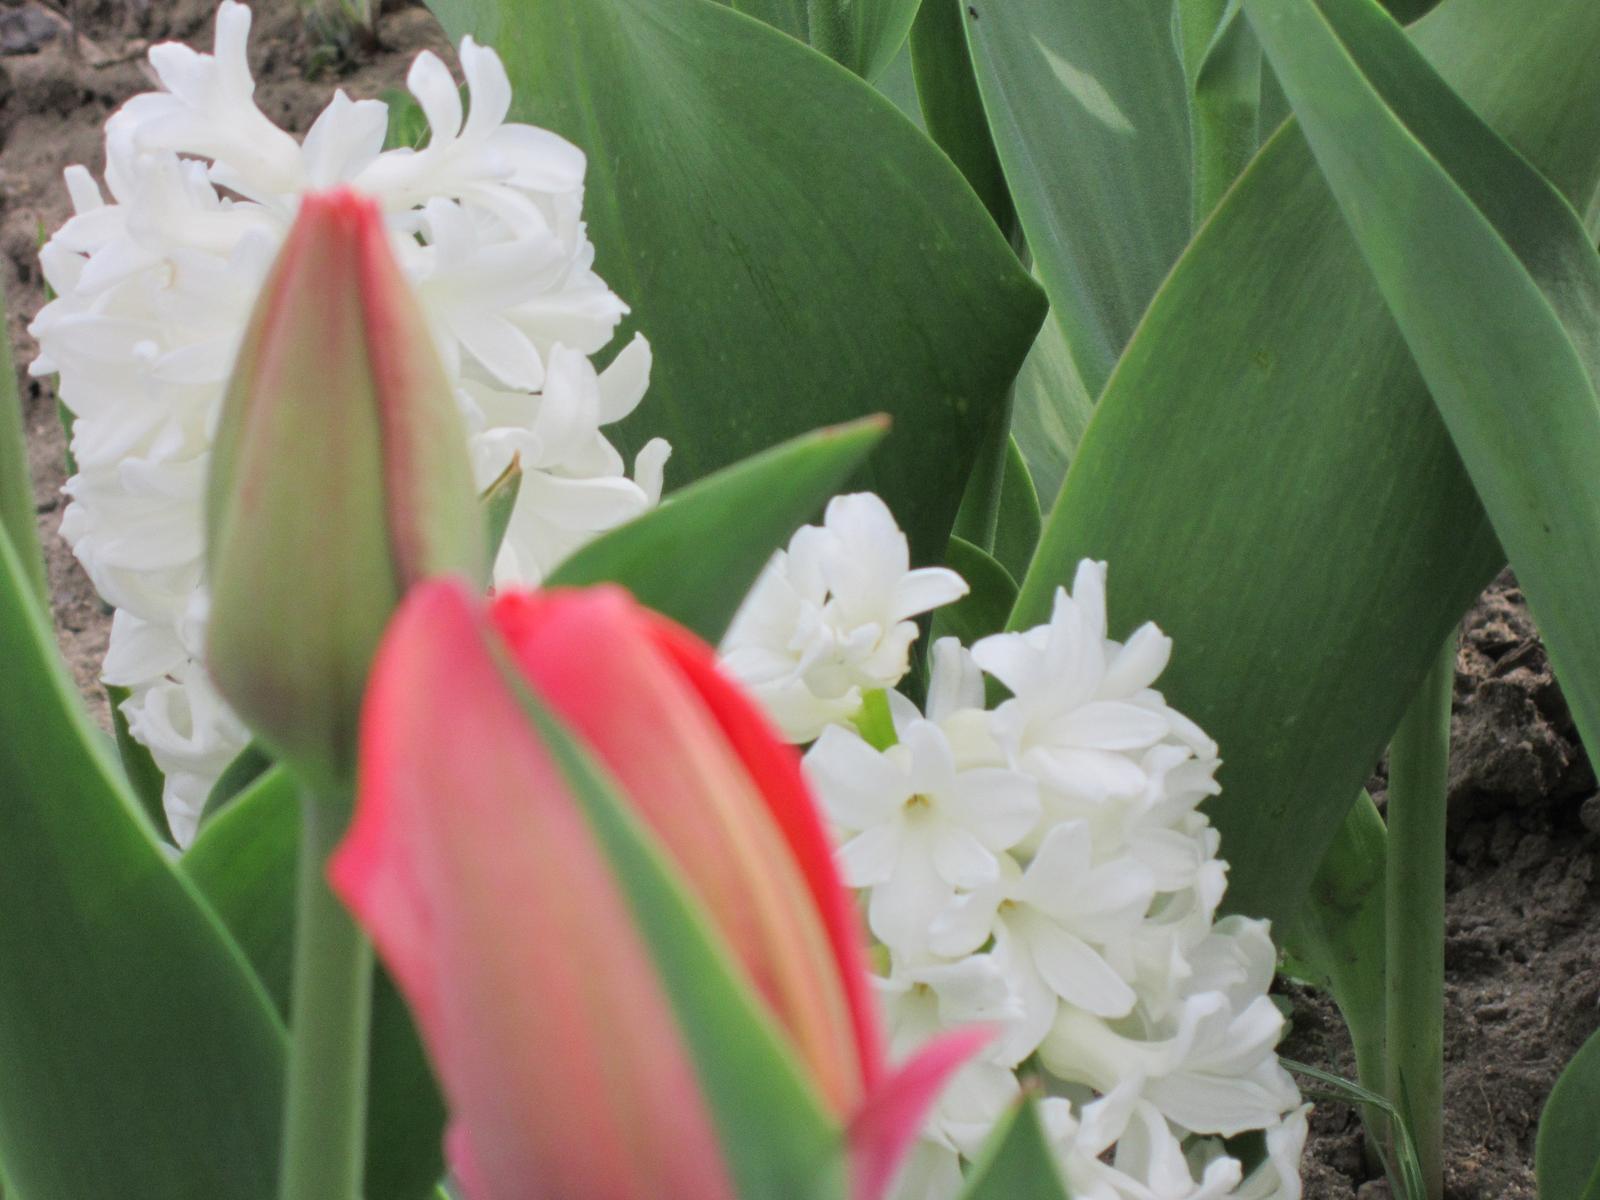 Moja záhrada...ako šiel čas - Obrázok č. 23